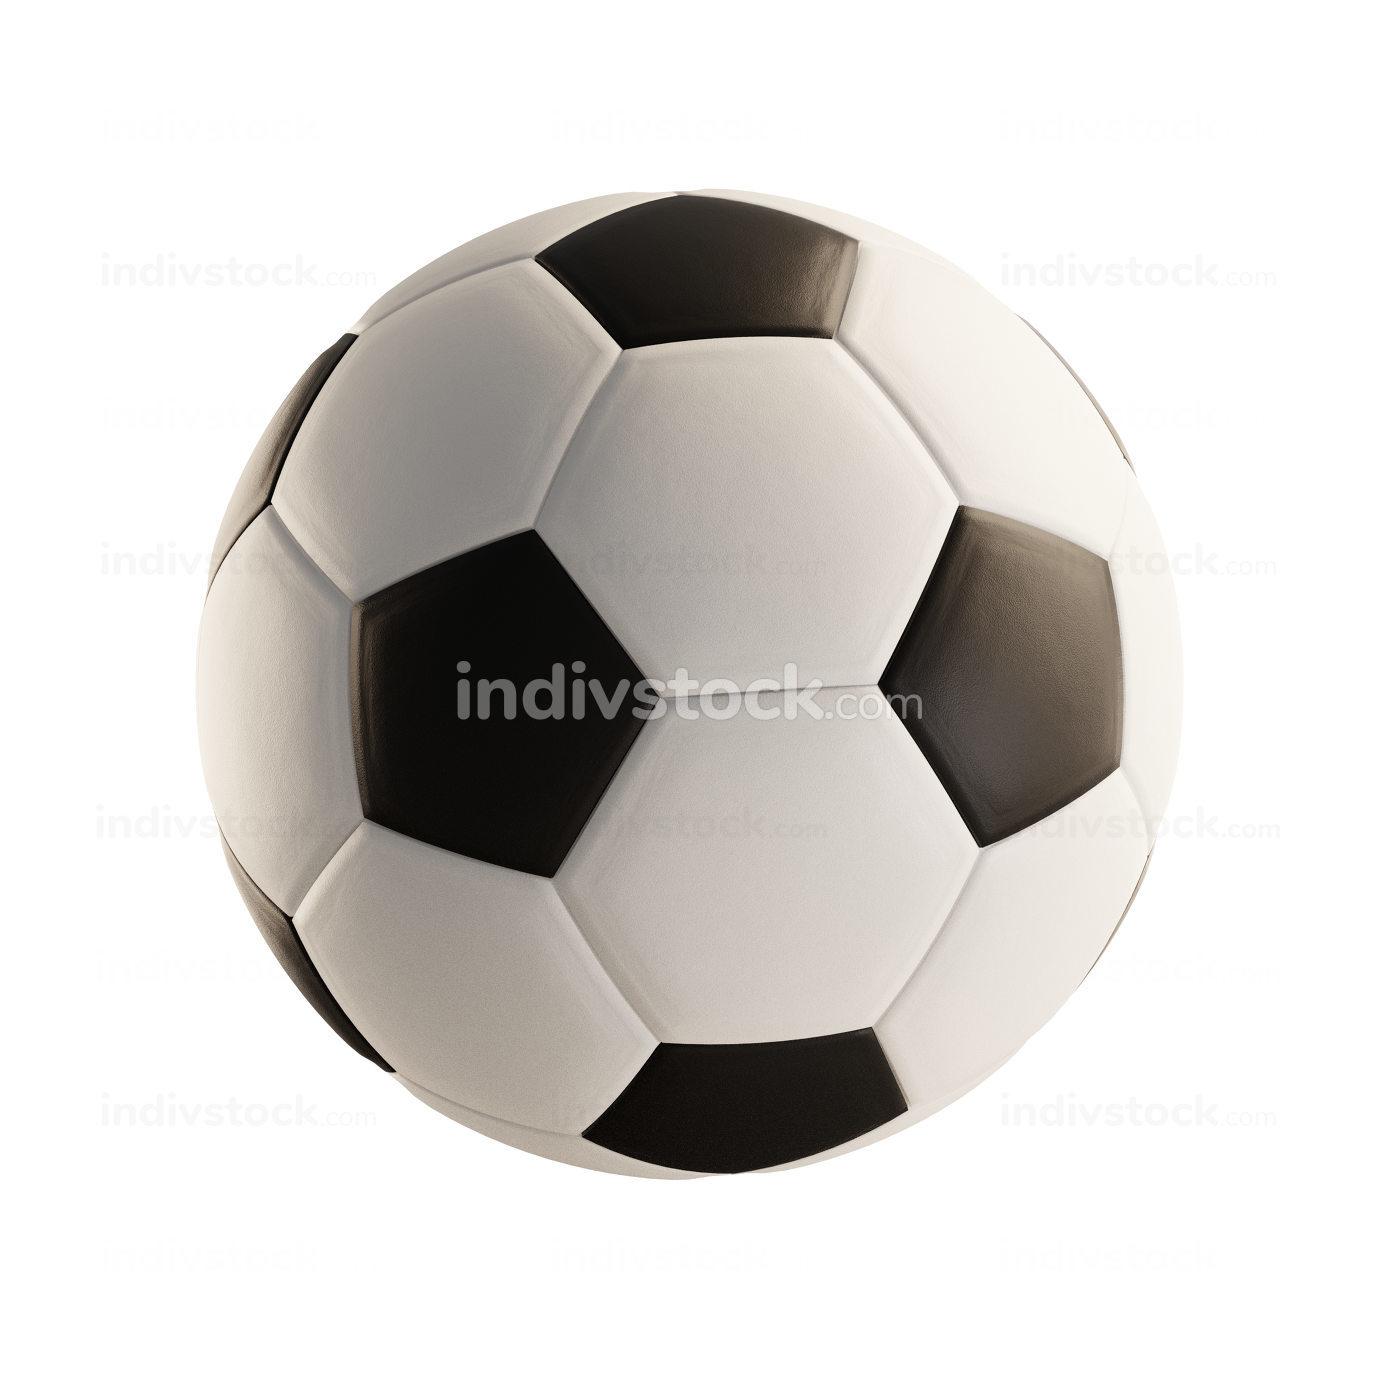 soccer ball white 3d-illustration isolated on white